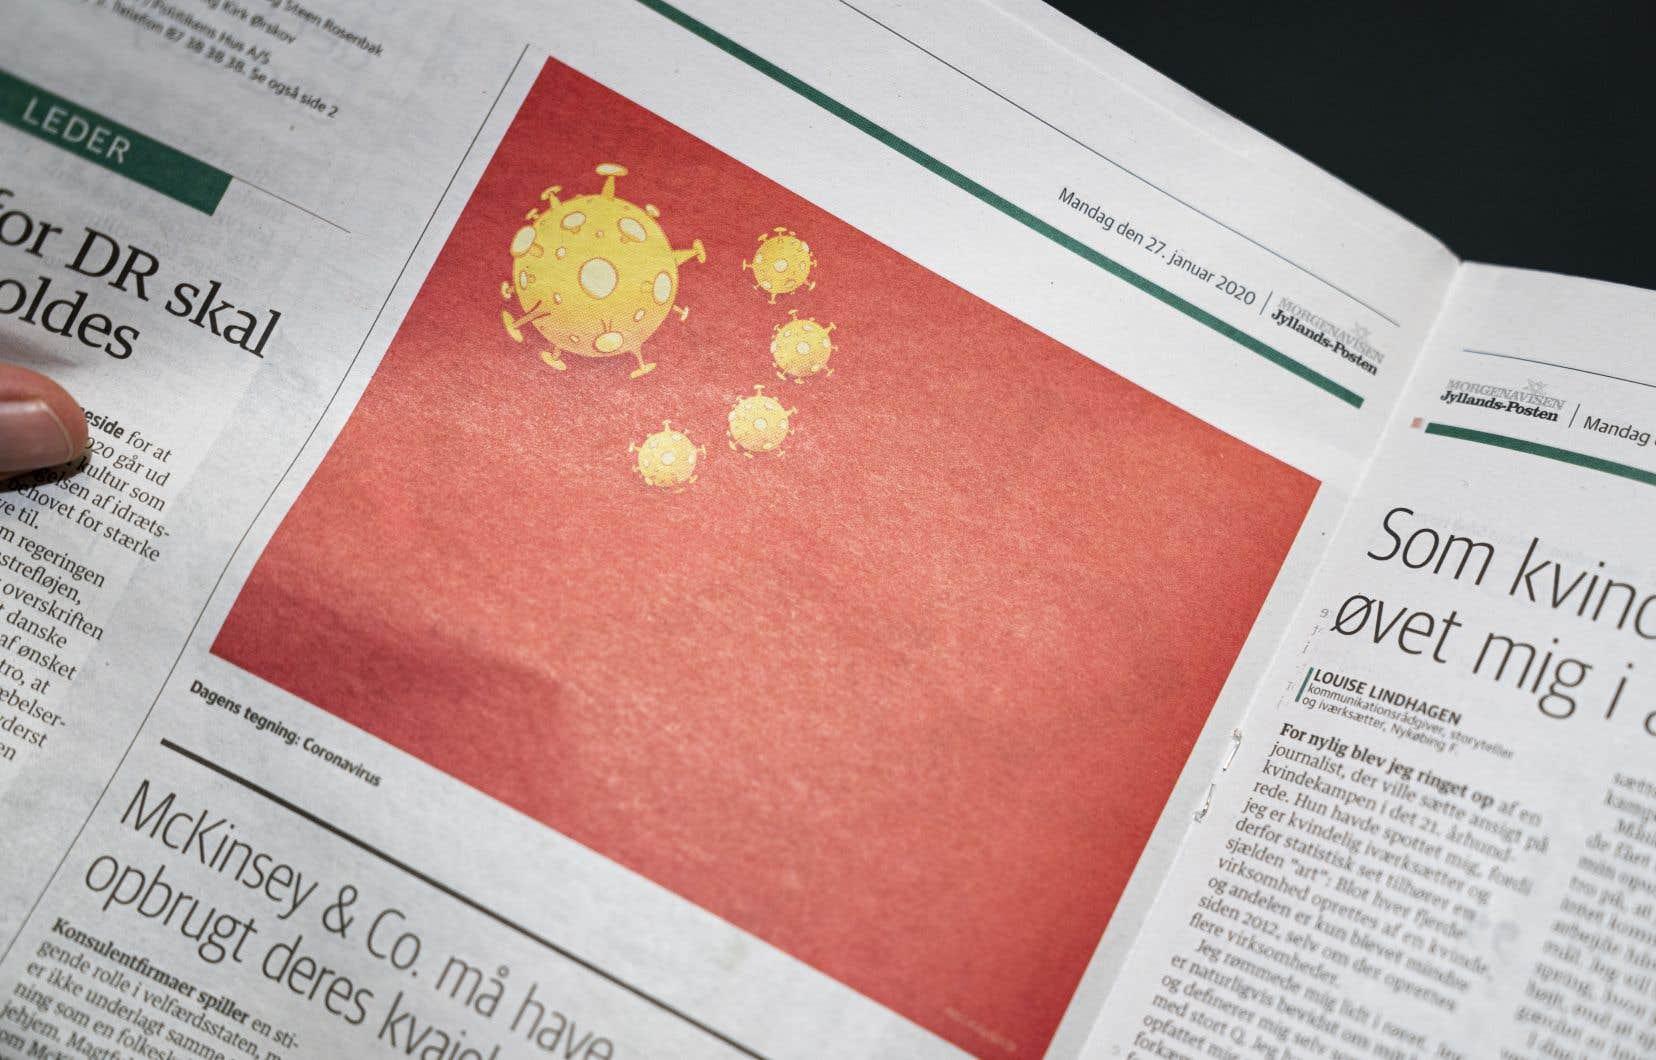 La caricature montre le drapeau chinois avec ce qui ressemble à des virus au lieu des étoiles habituelles.